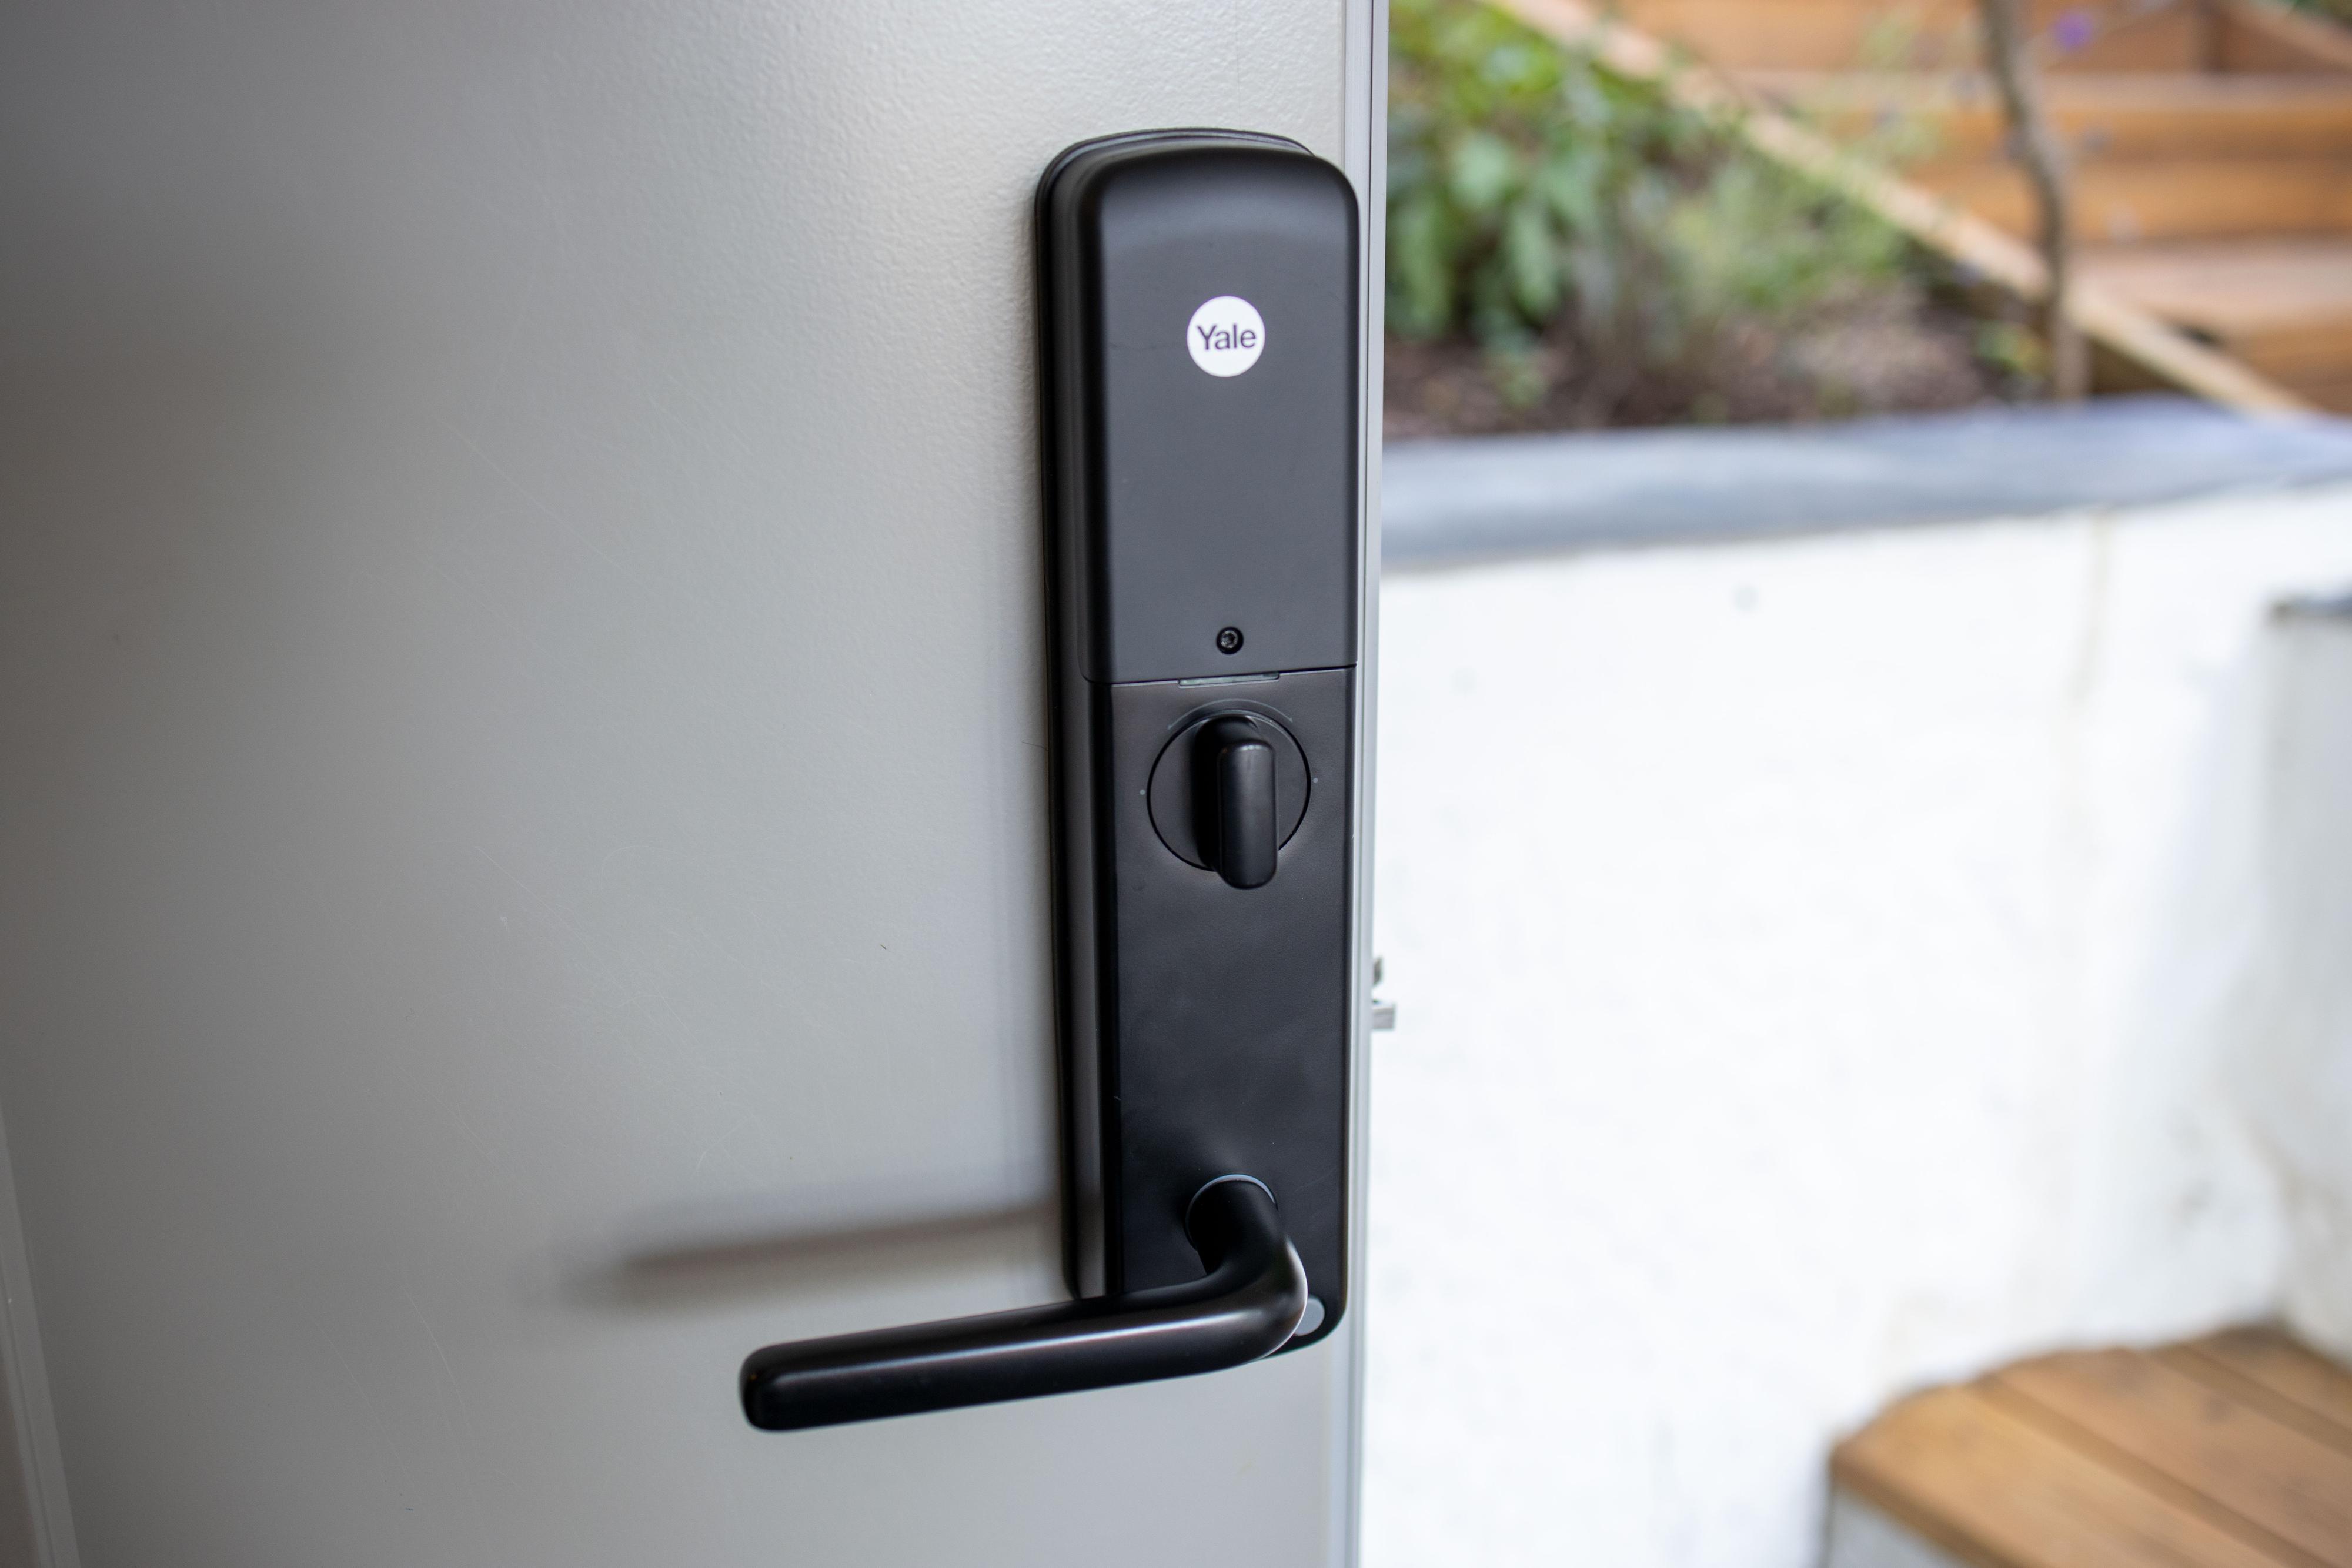 Yale Doorman V2N er definitivt større enn bare en dørvrider og lås. Vi synes likevel utførelsen i matt svart var ganske lekker.